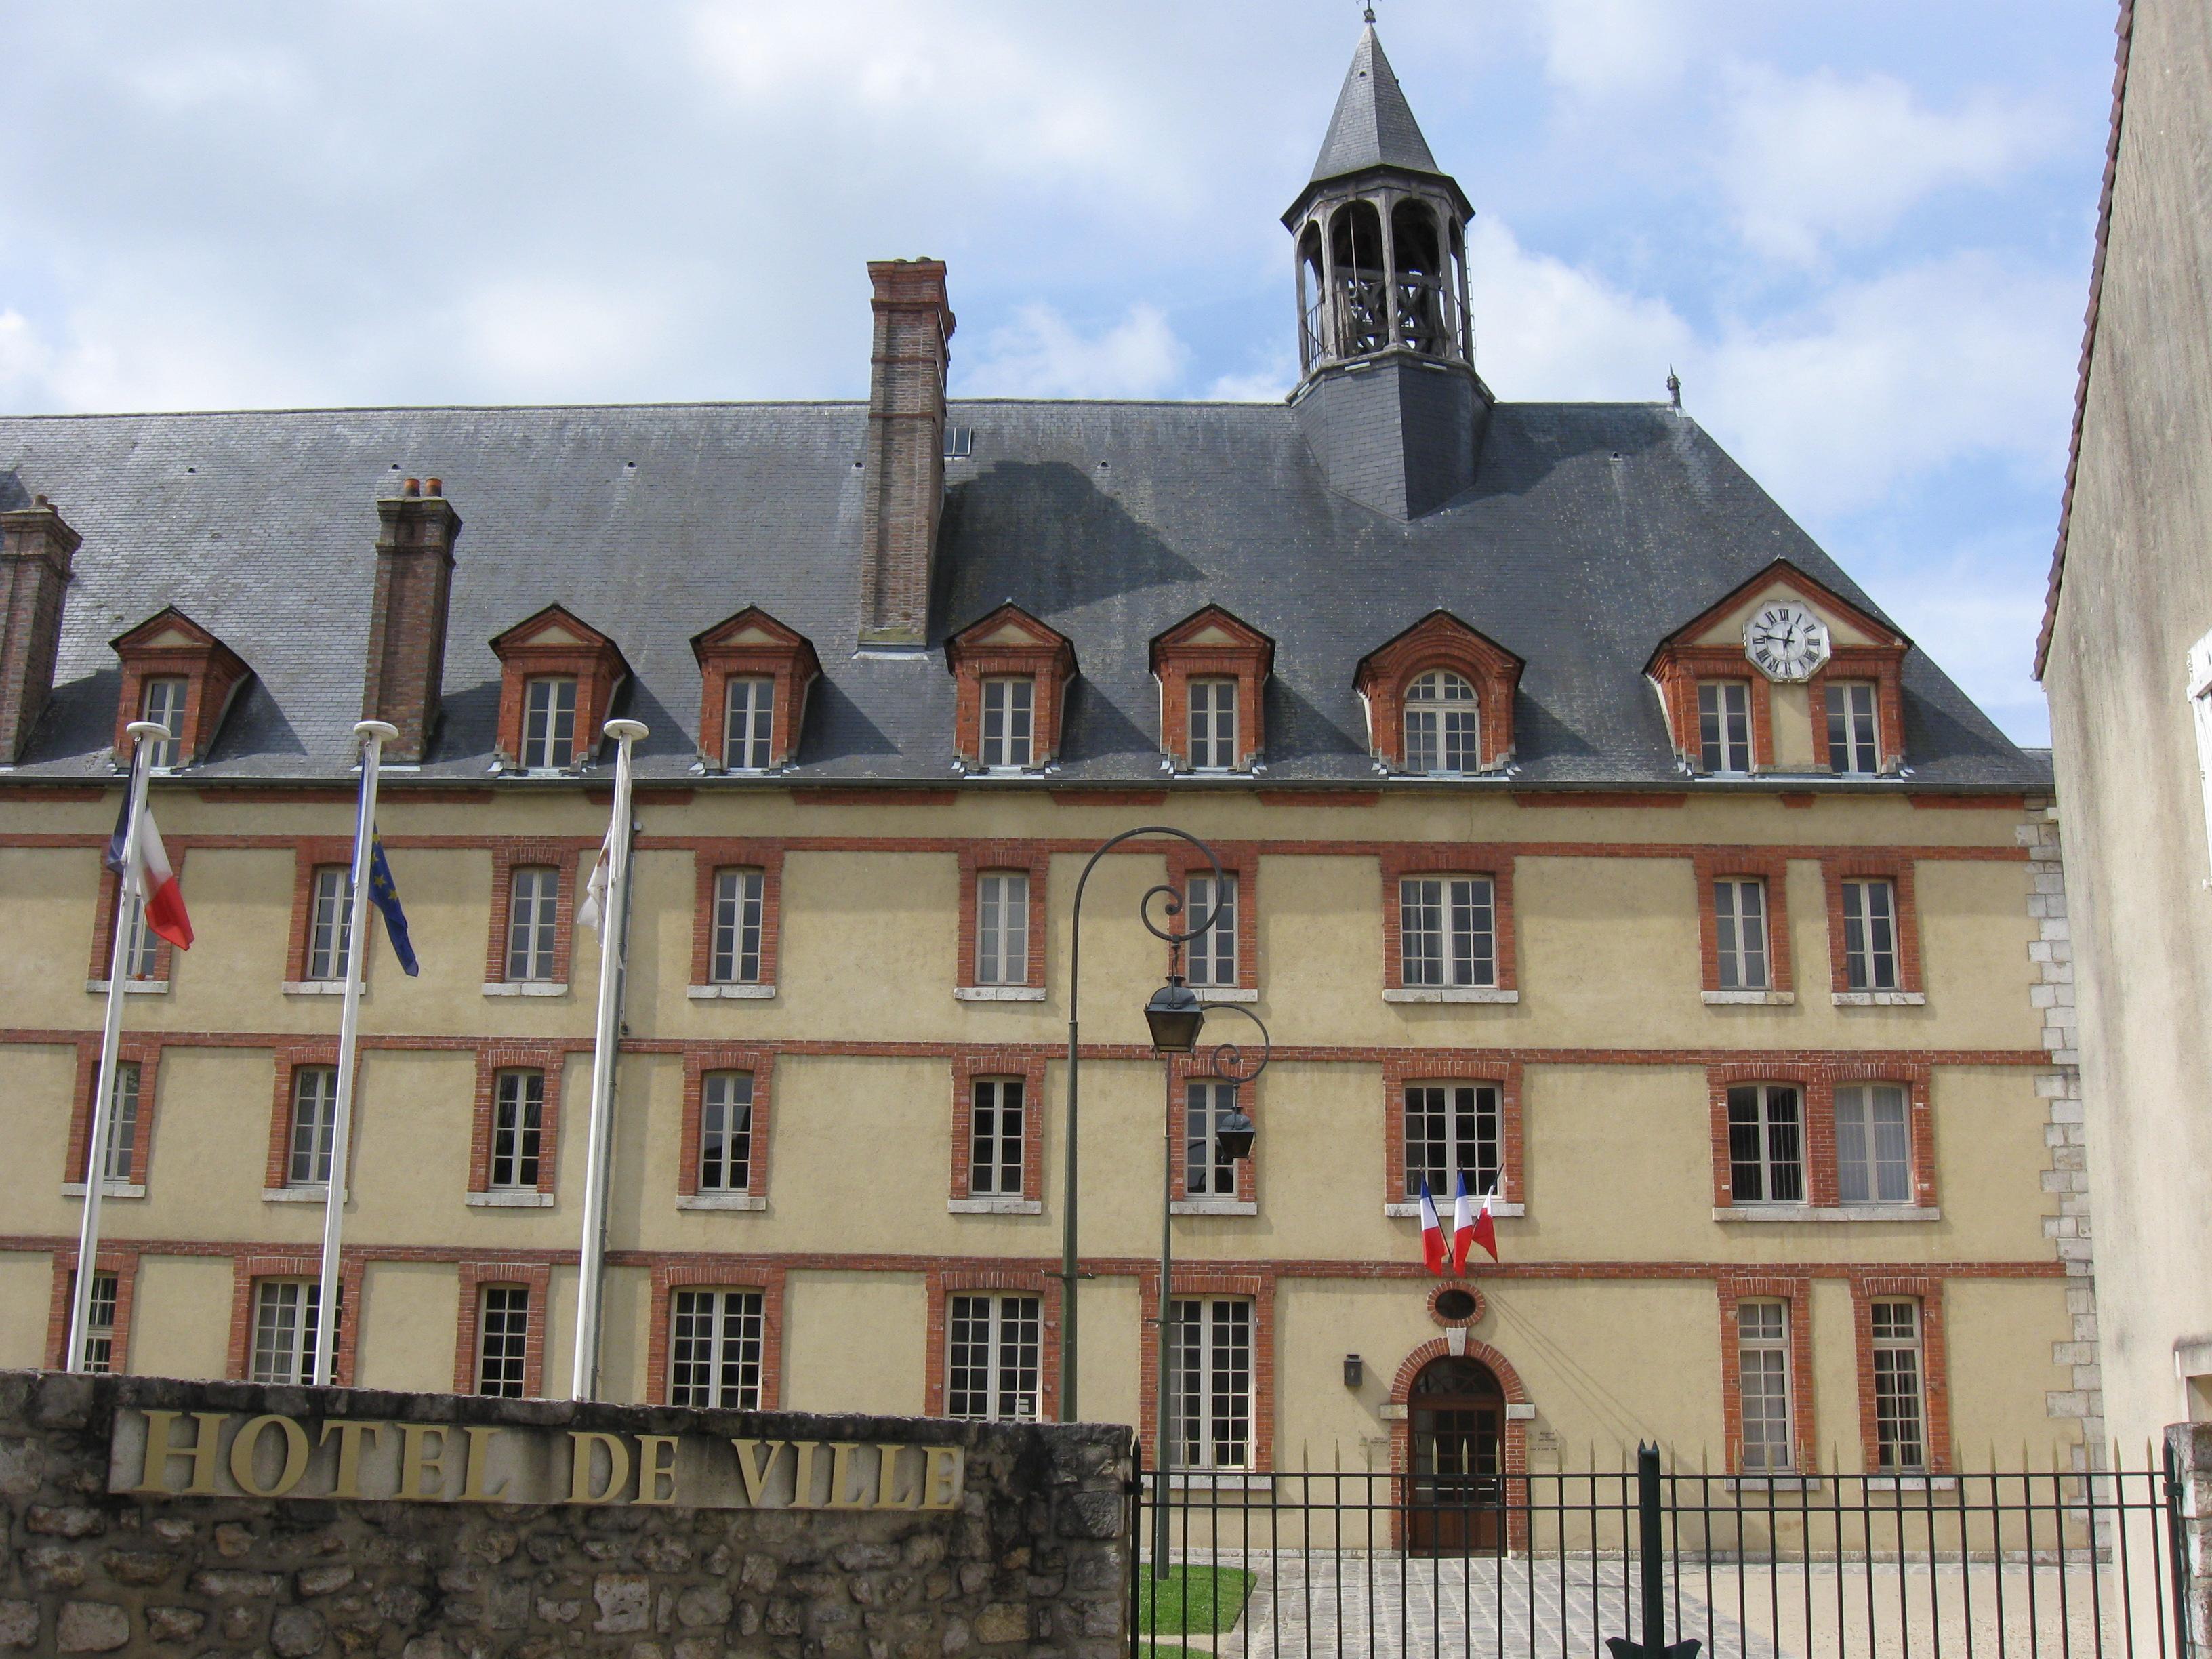 Hôtel de ville de Nemours